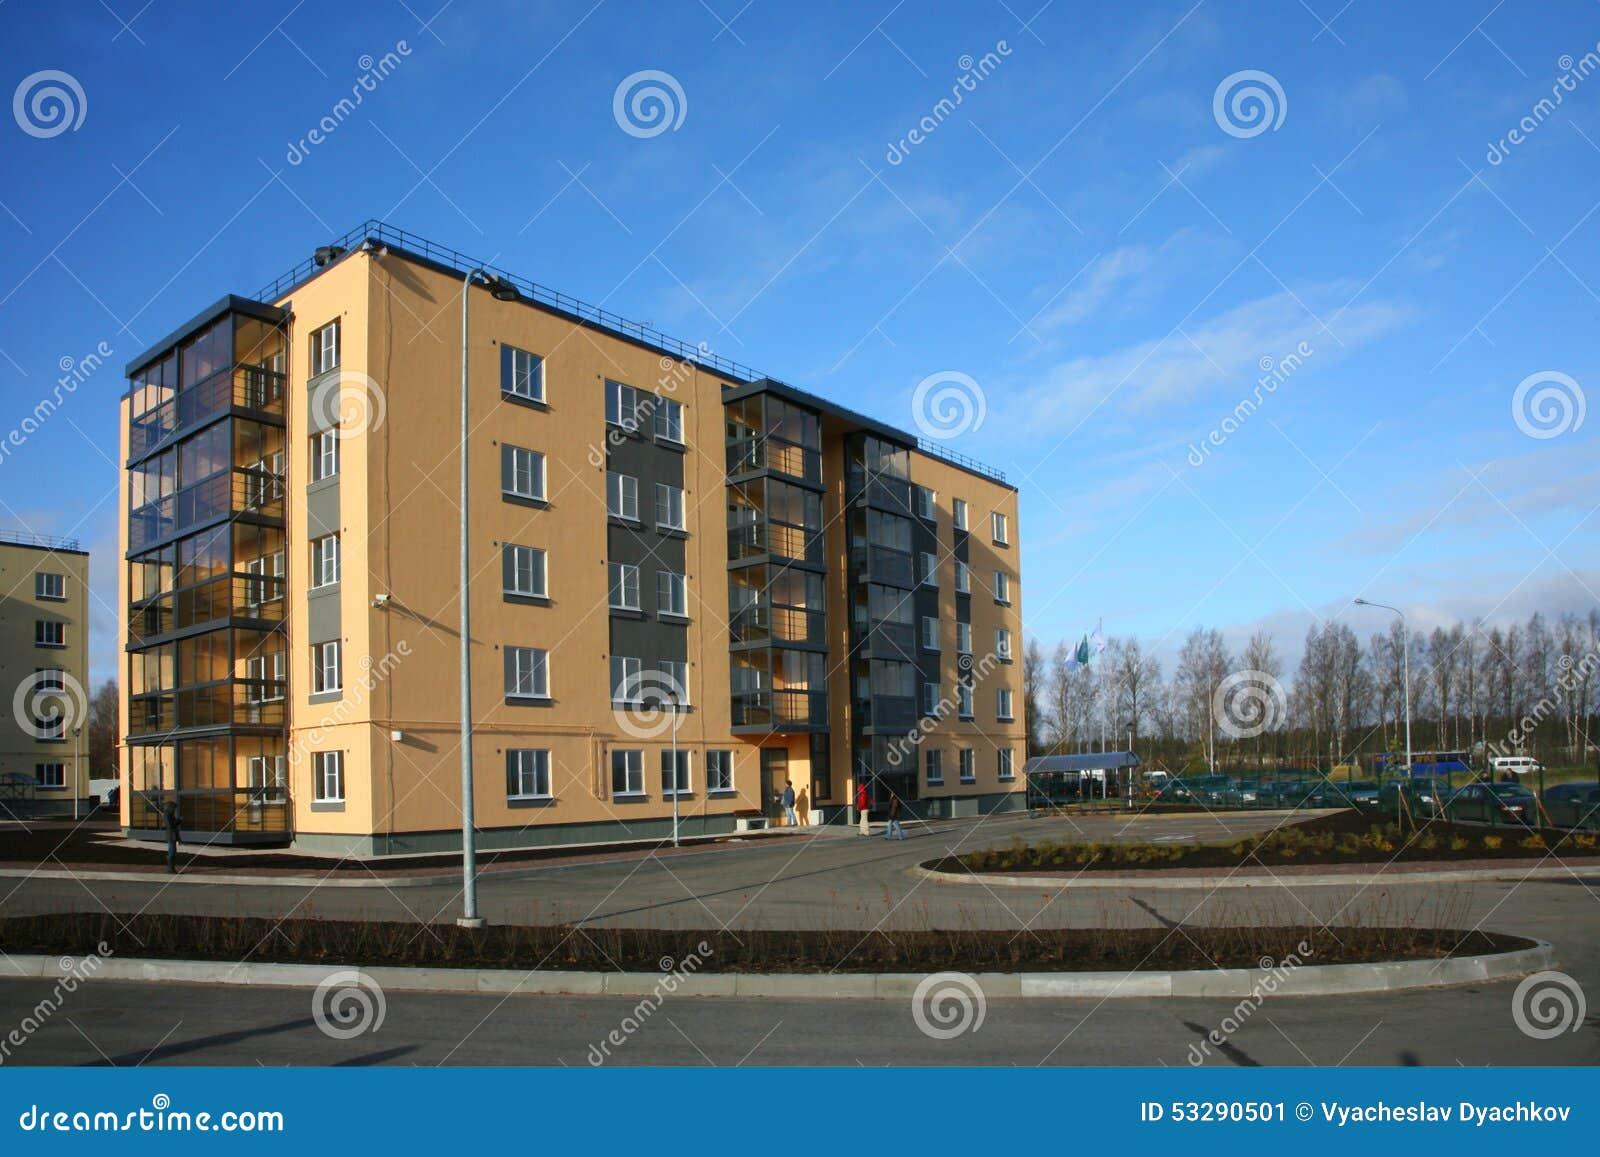 Una palazzina di appartamenti tipica della foto della casa for 1 5 piani casa piani